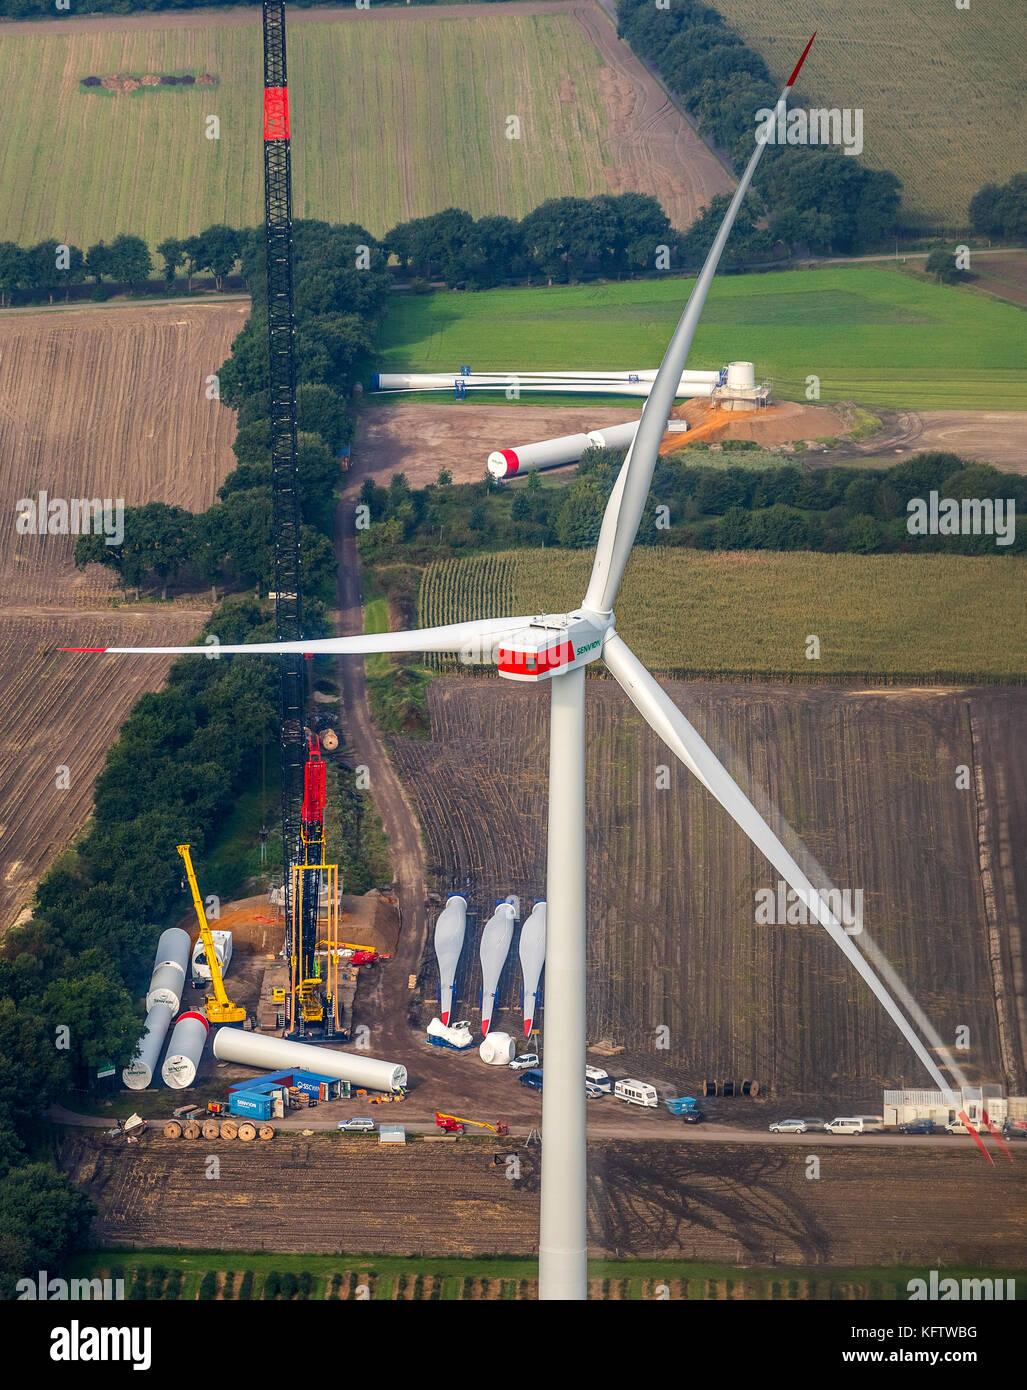 In schermbeck an der Stadtgrenze zu Dorsten entstehen, Windkraftanlagen, alternative Energien, regenerative Energien, Stockbild